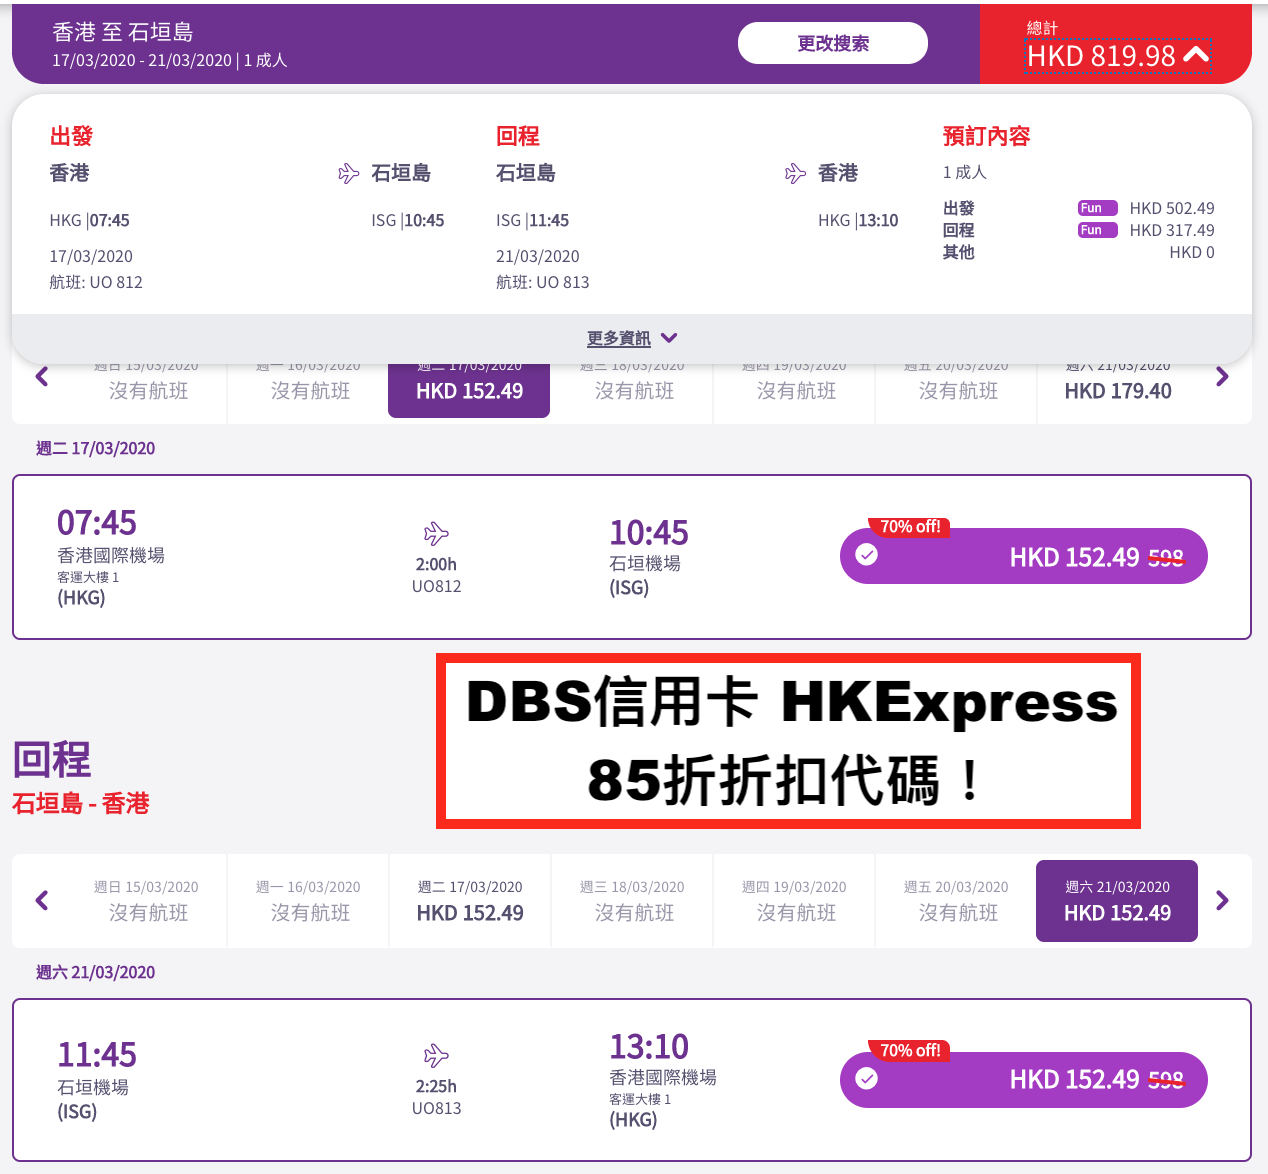 DBS信用卡 HK Express 85折折扣代碼!來回連稅日本$820 起、韓國$892起、東南亞$765 起!